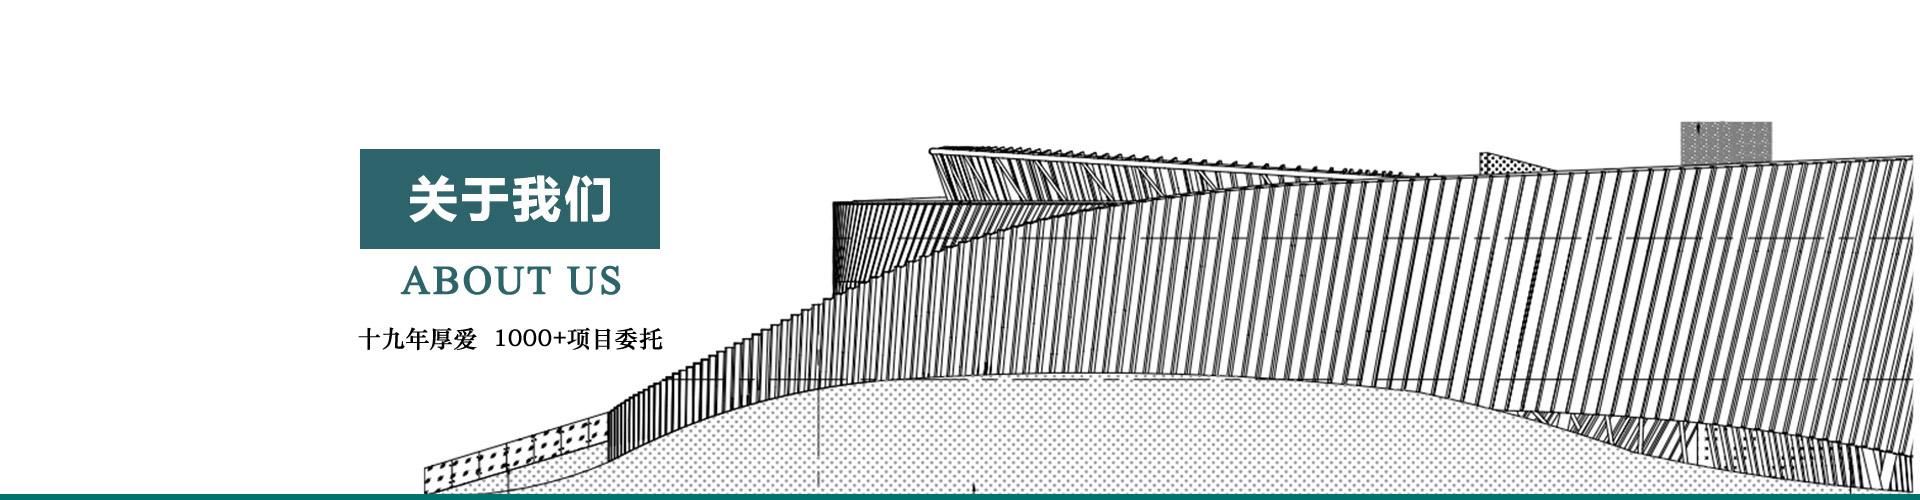 关于中开智慧艺型建筑有限公司